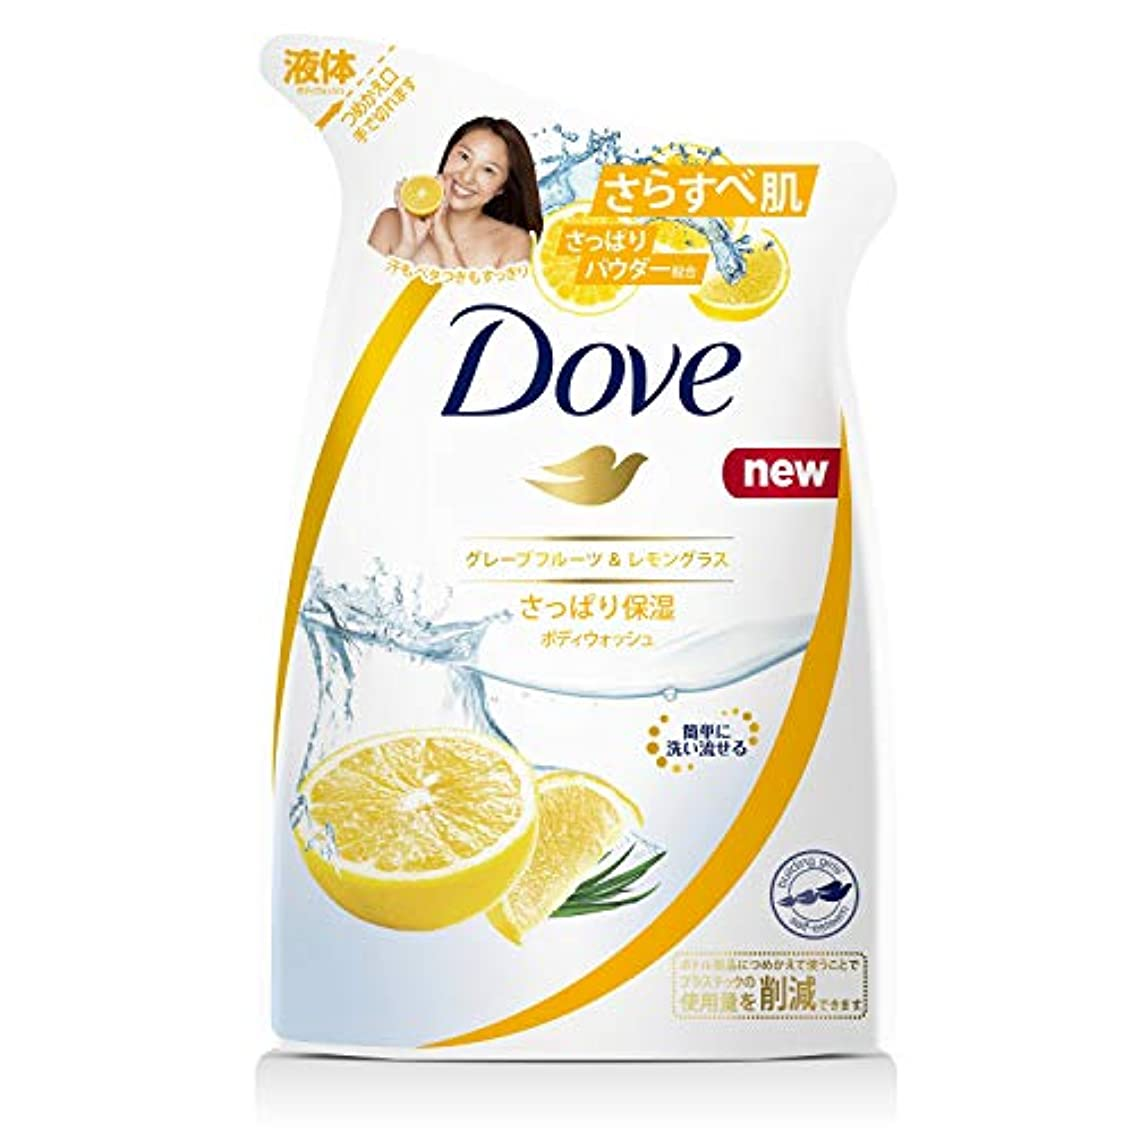 目指す世界的にだらしないダヴ ボディウォッシュ グレープフルーツ&レモングラス つめかえ用 360g